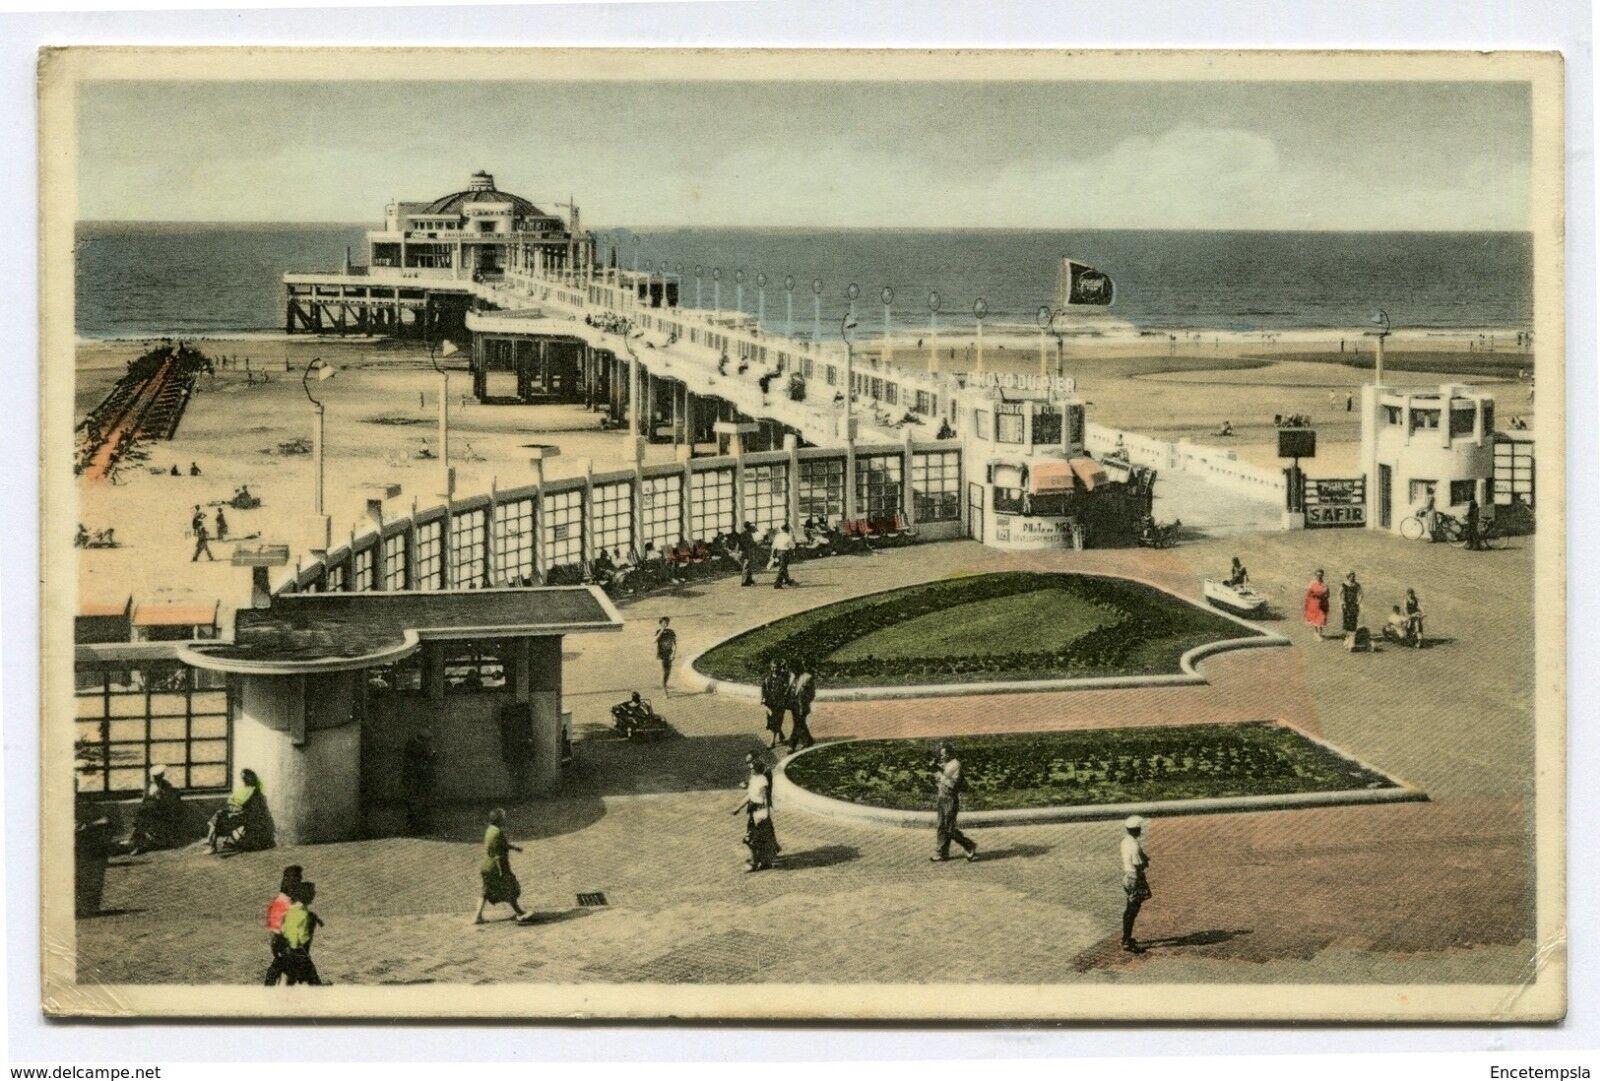 CPA-Carte postale- Belgique - Blankenberge - Le Pier -1956 (CP3508)